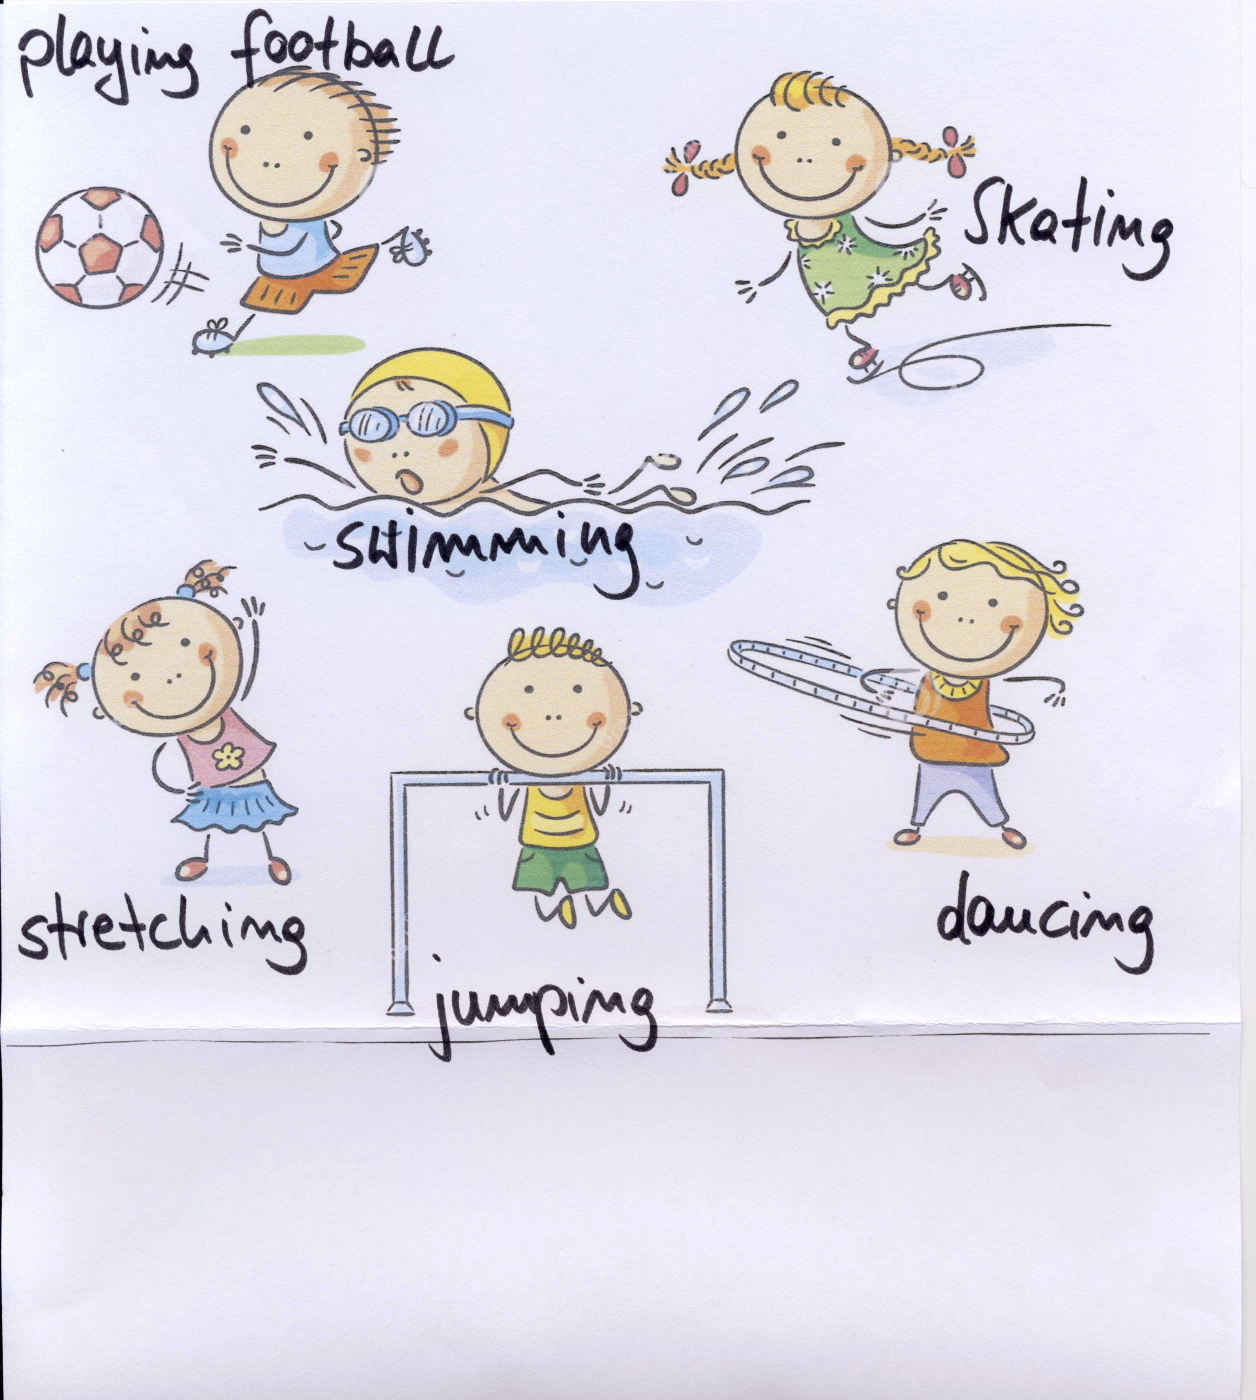 Englisch für Kinder, spielerisch, Sprachlernspiele für Kindergartenkinder